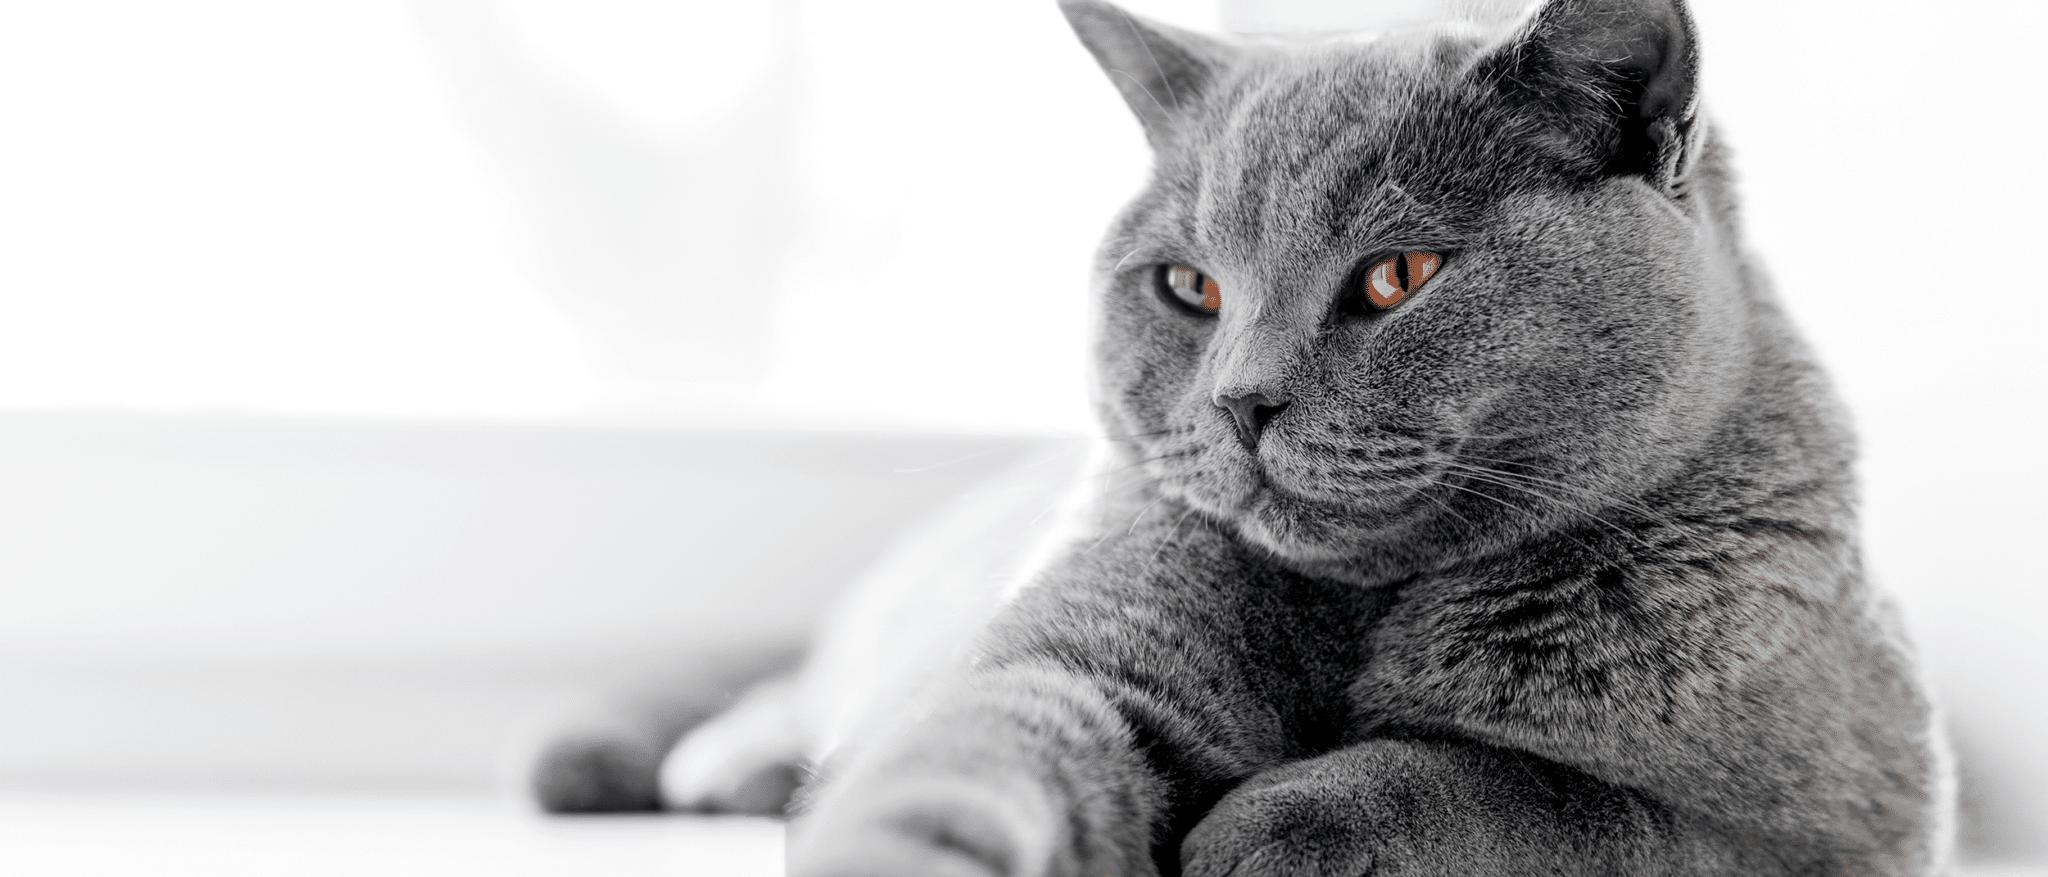 Gato de raza gris